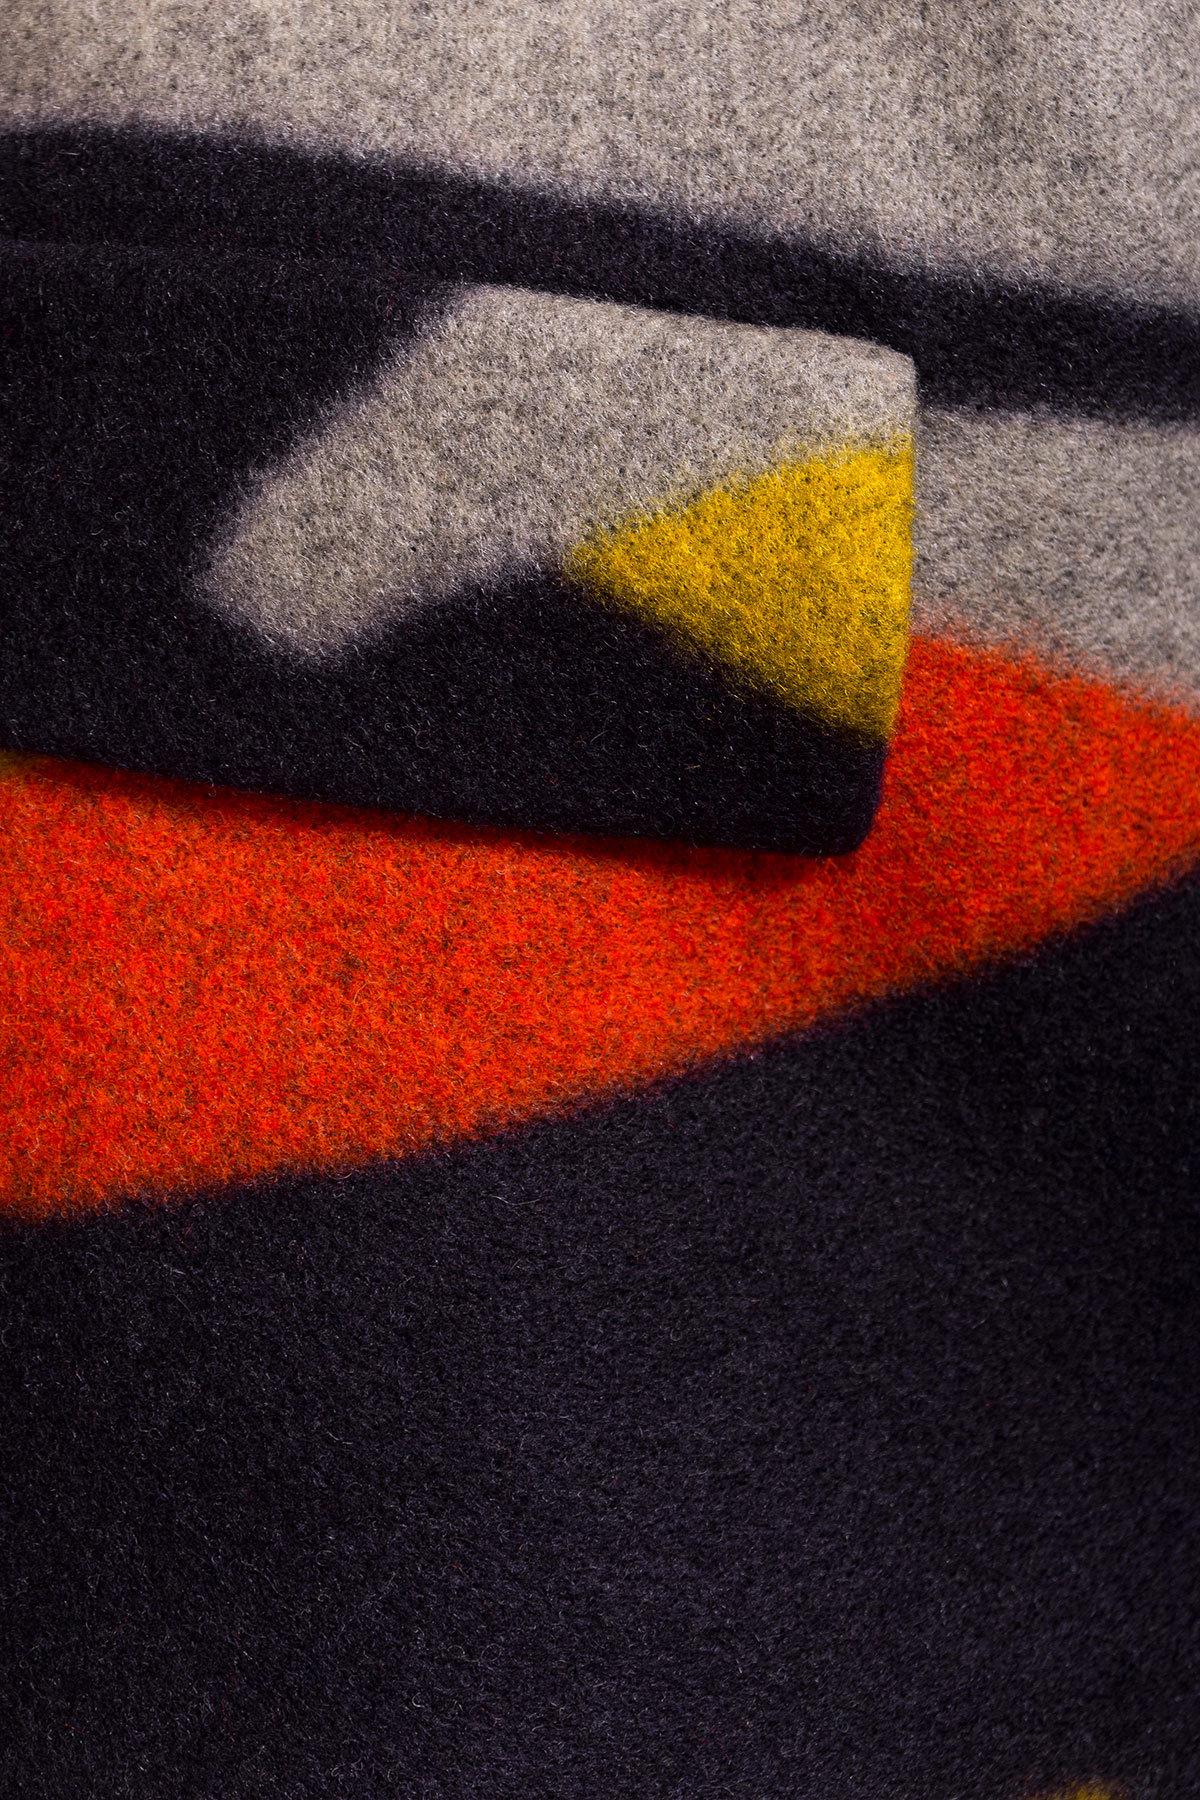 Пальто Микадо 1551  АРТ. 9220 Цвет: Тёмно-синий/серый/теракот/жёлтая-рябь Д1/С1 - фото 4, интернет магазин tm-modus.ru